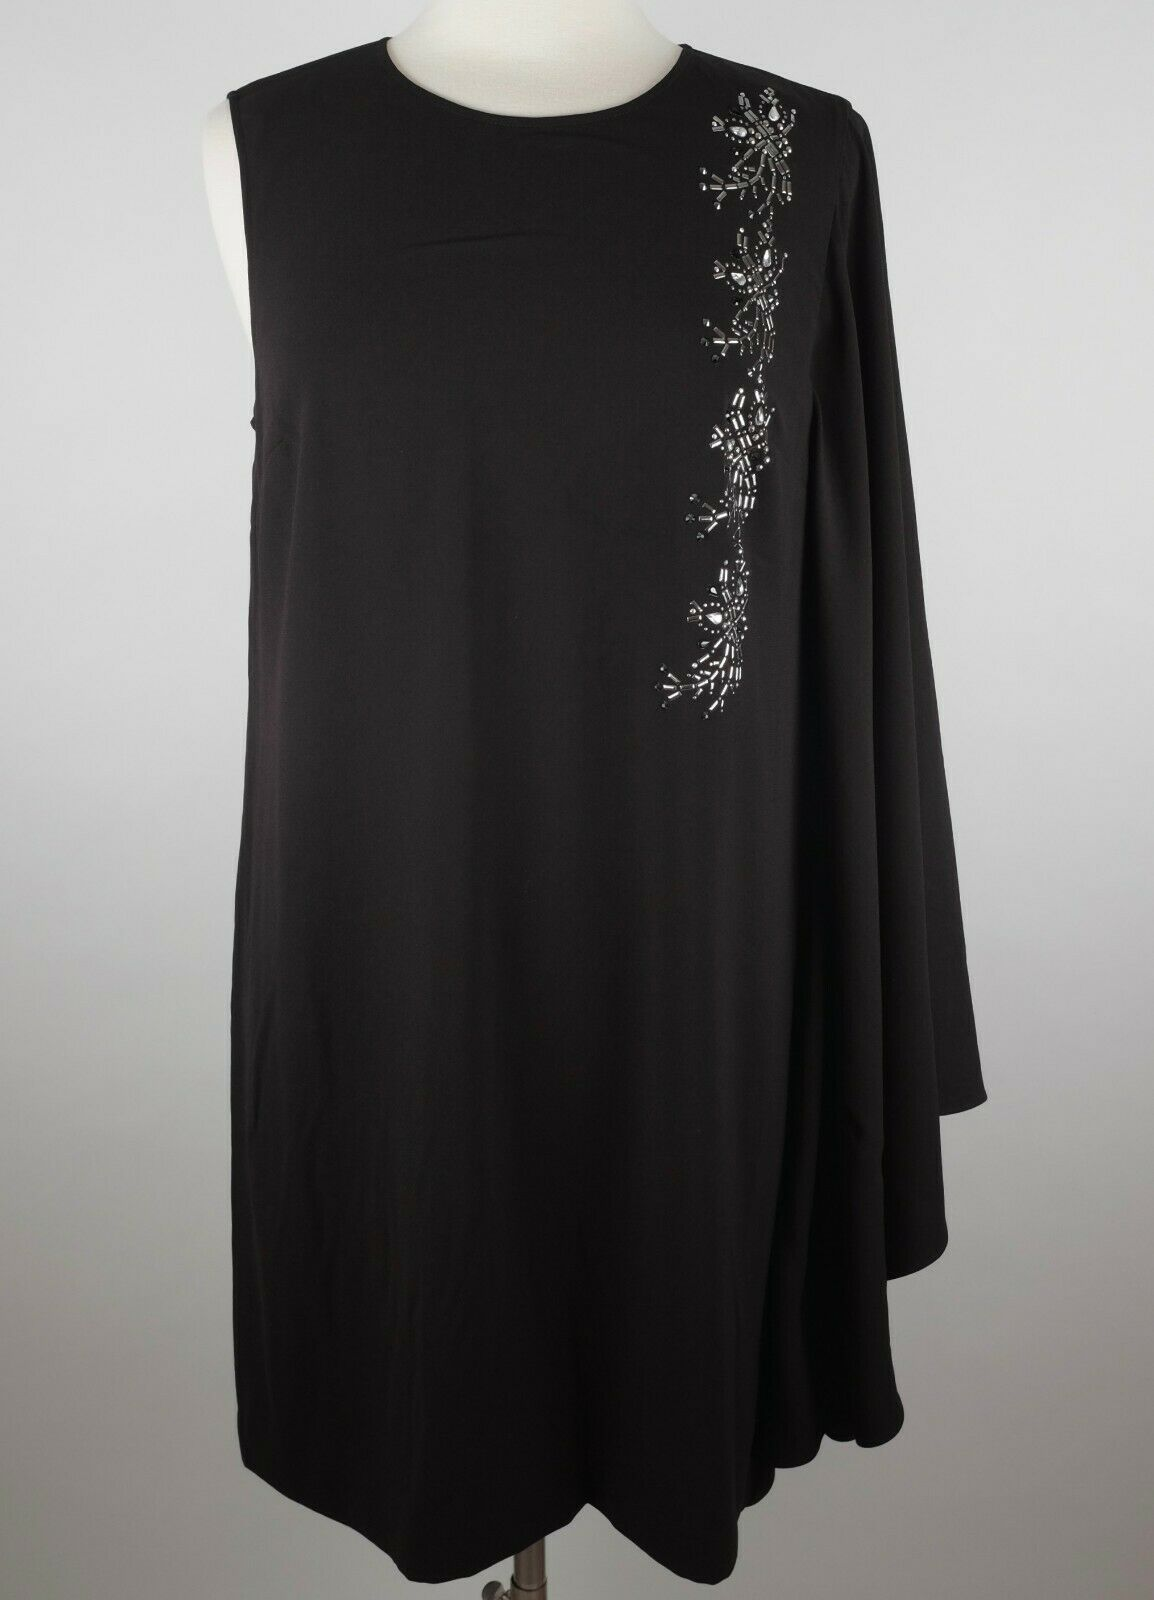 Nuevo St John Couture  Sz 10 vestido adornado Negro Drapeado cabo  1295  el mejor servicio post-venta